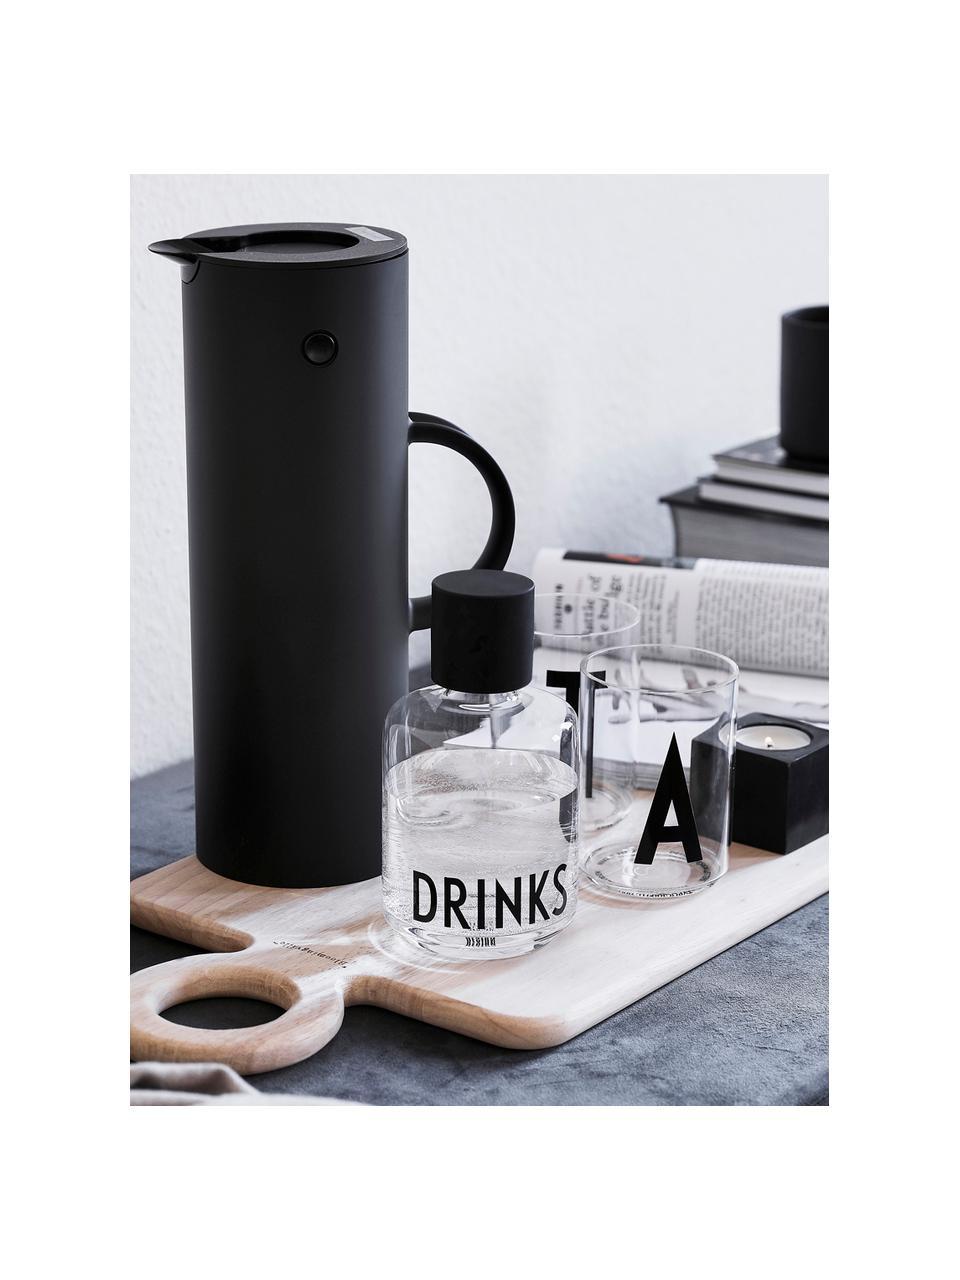 Bicchiere acqua di design in vetro con lettera Personal (varianti dalla A alla Z), Vetro borosilicato, Trasparente, nero, Bicchiere per l'acqua M